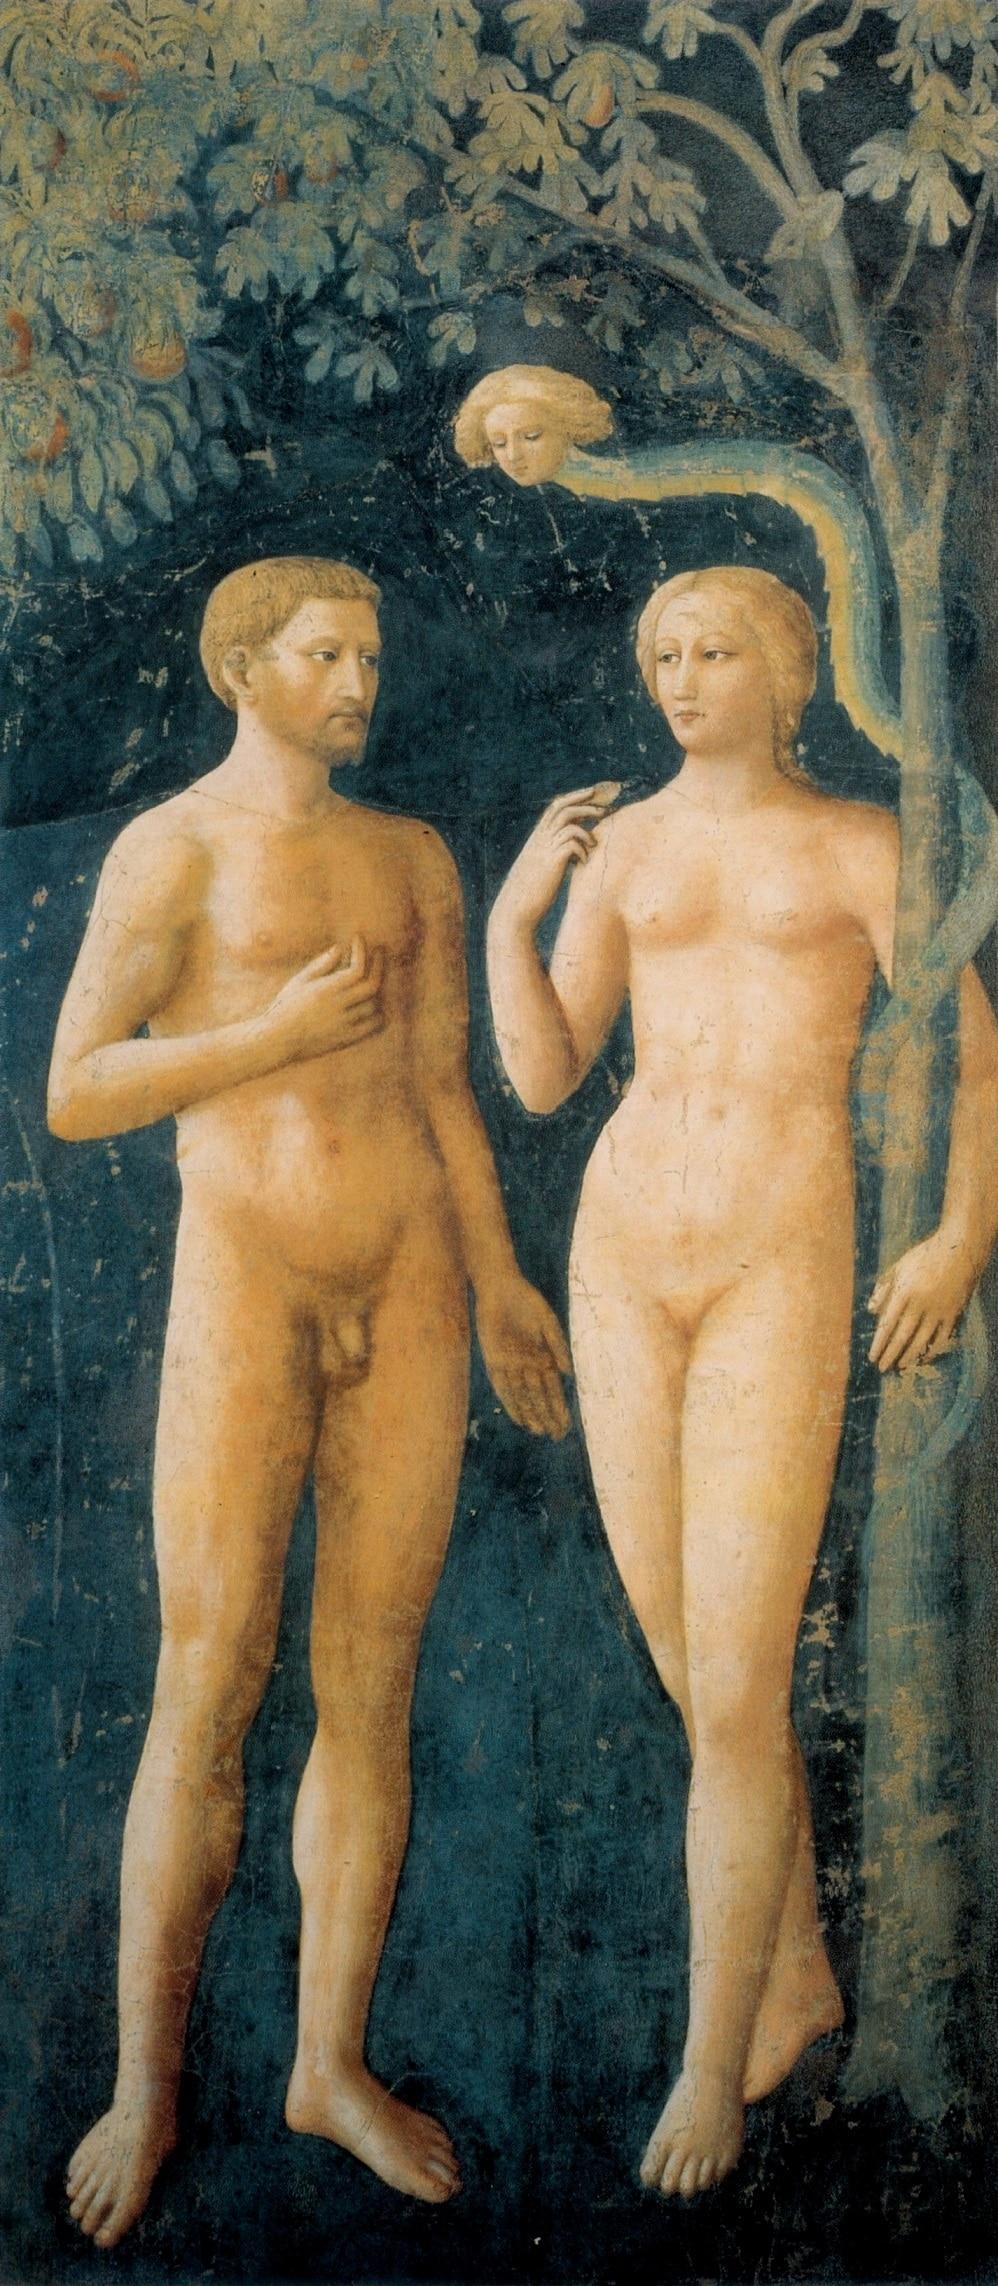 Adam ed Eve servizio di incontri